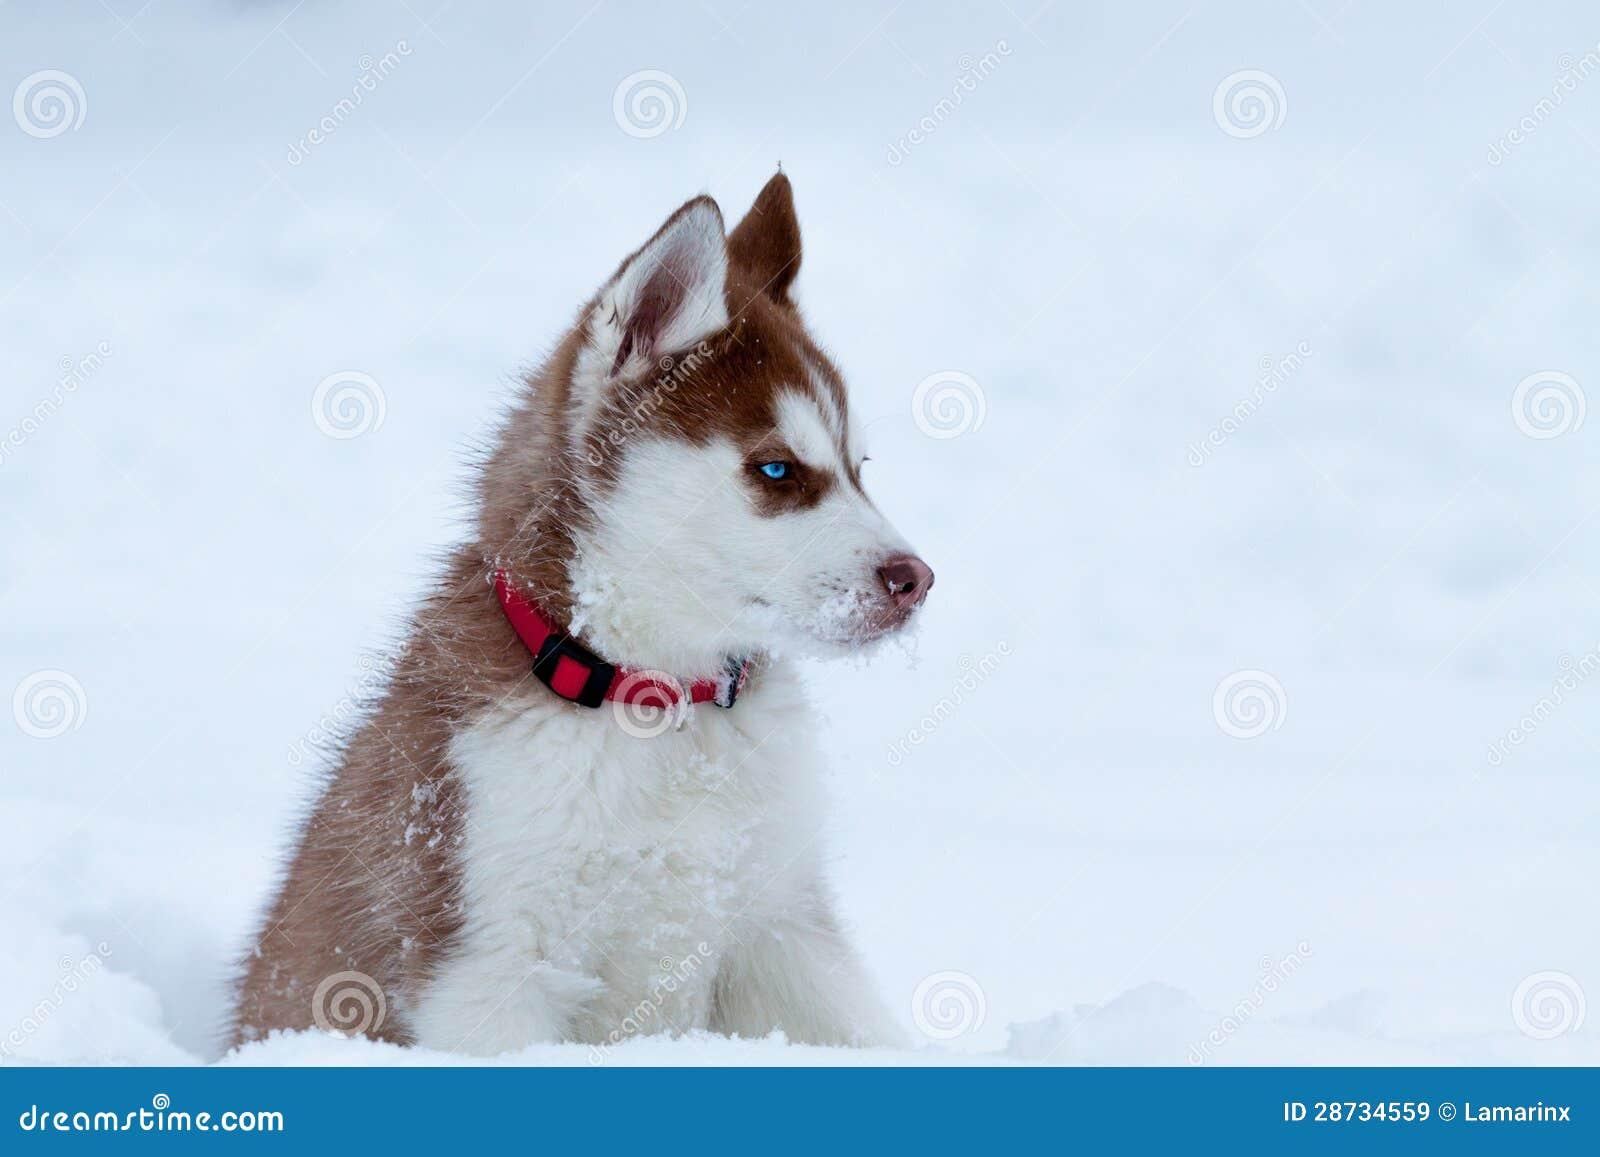 Piccolo husky nella neve con i chiari occhi azzurri immagine stock immagine di puppy doggy - Husky con occhi diversi ...